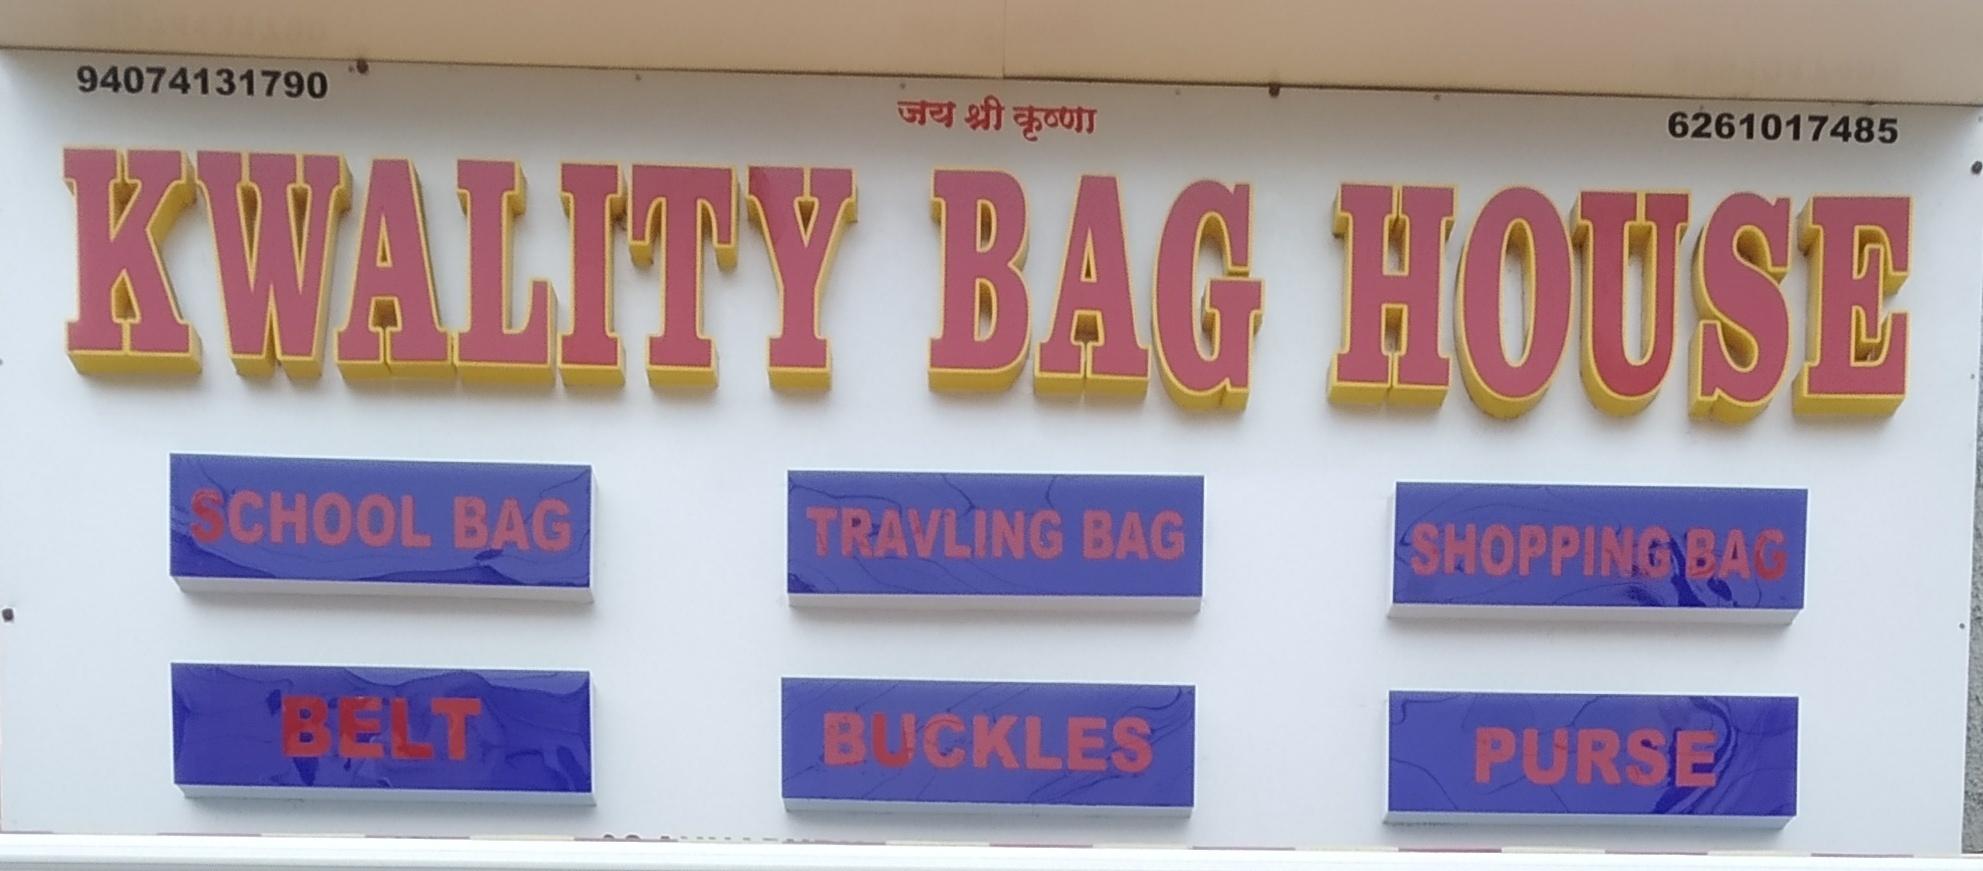 Kwality bag House